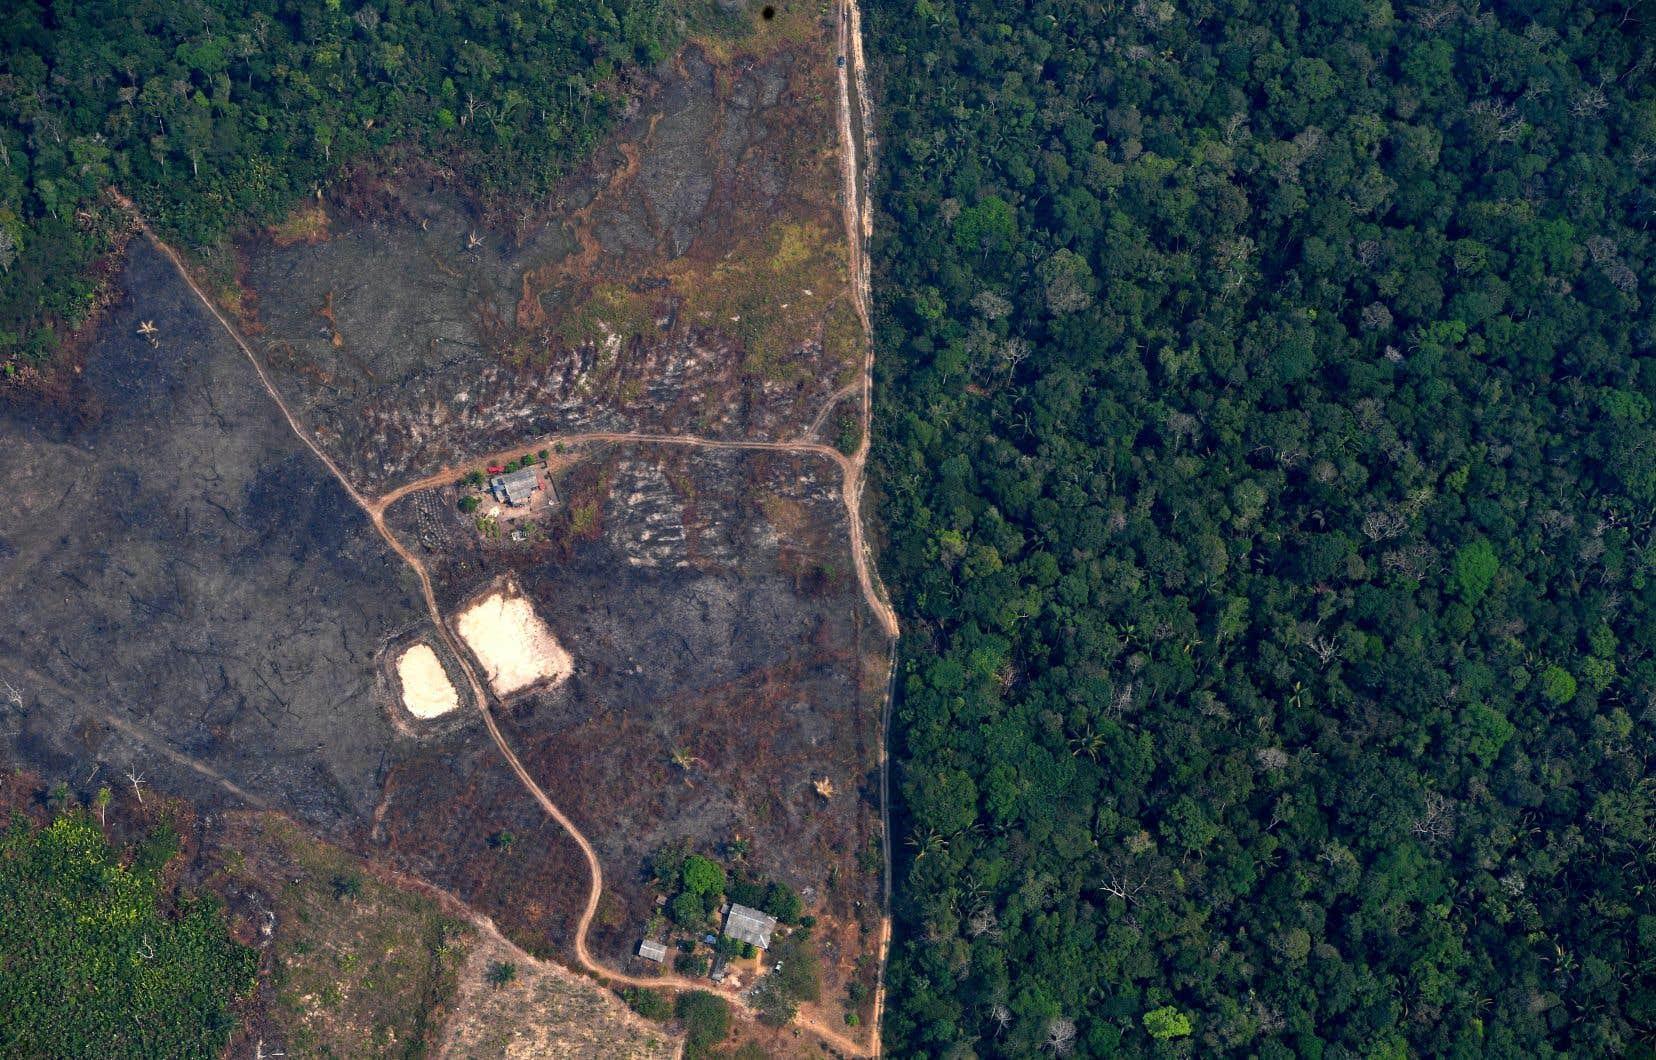 La déforestation entraîne également une recrudescence des foyers d'incendie en Amazonie, un grand nombre d'agriculteurs pratiquant le brûlis sur les zones déboisées pour pouvoir les cultiver.